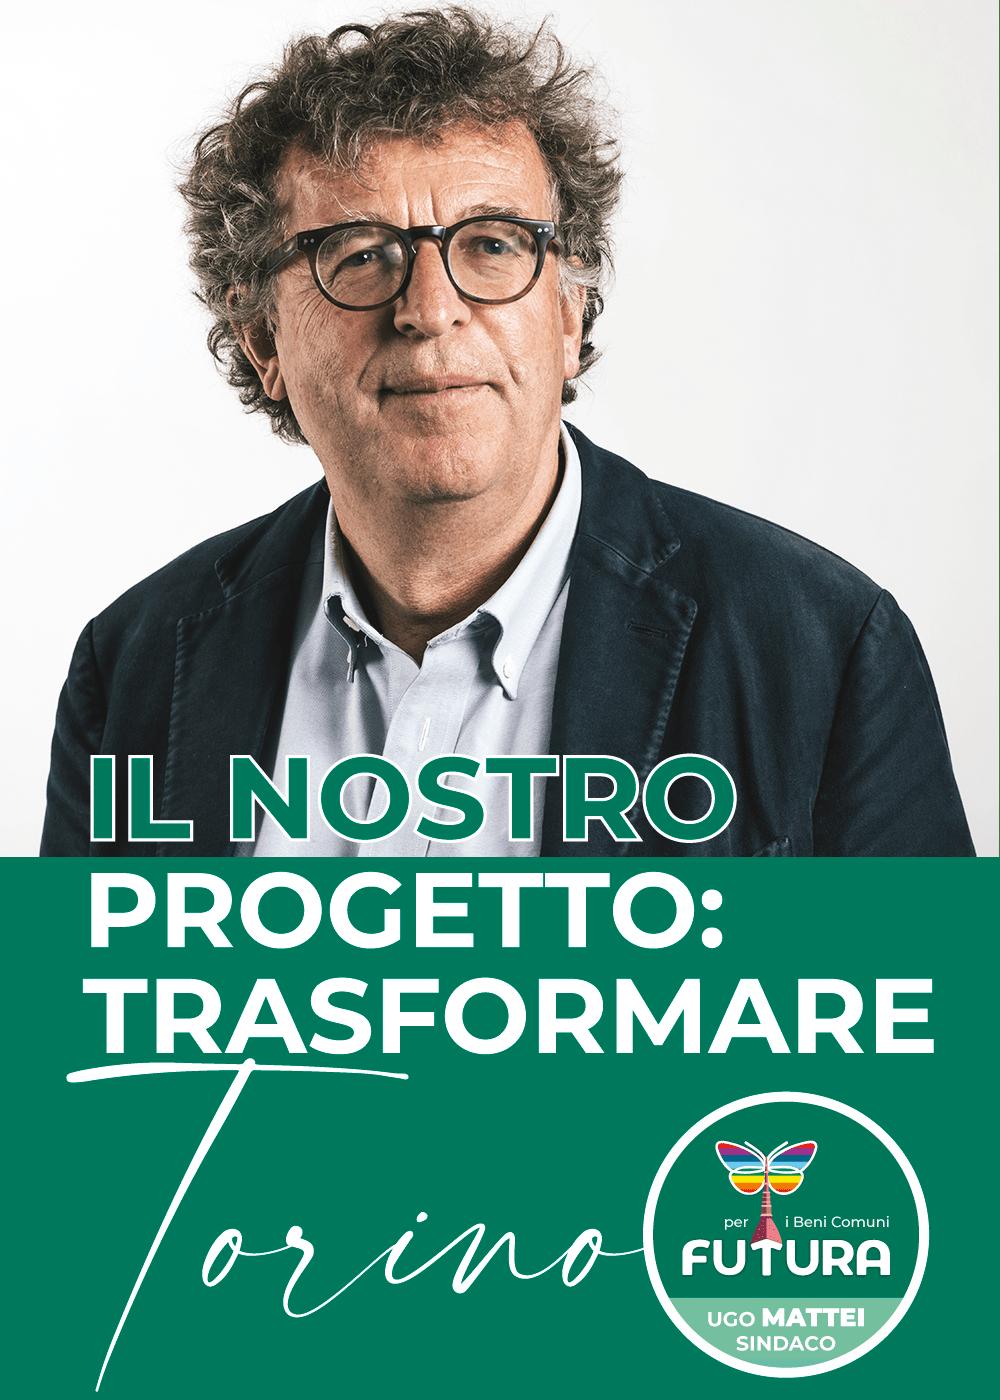 Ugo Mattei per Futura Torino